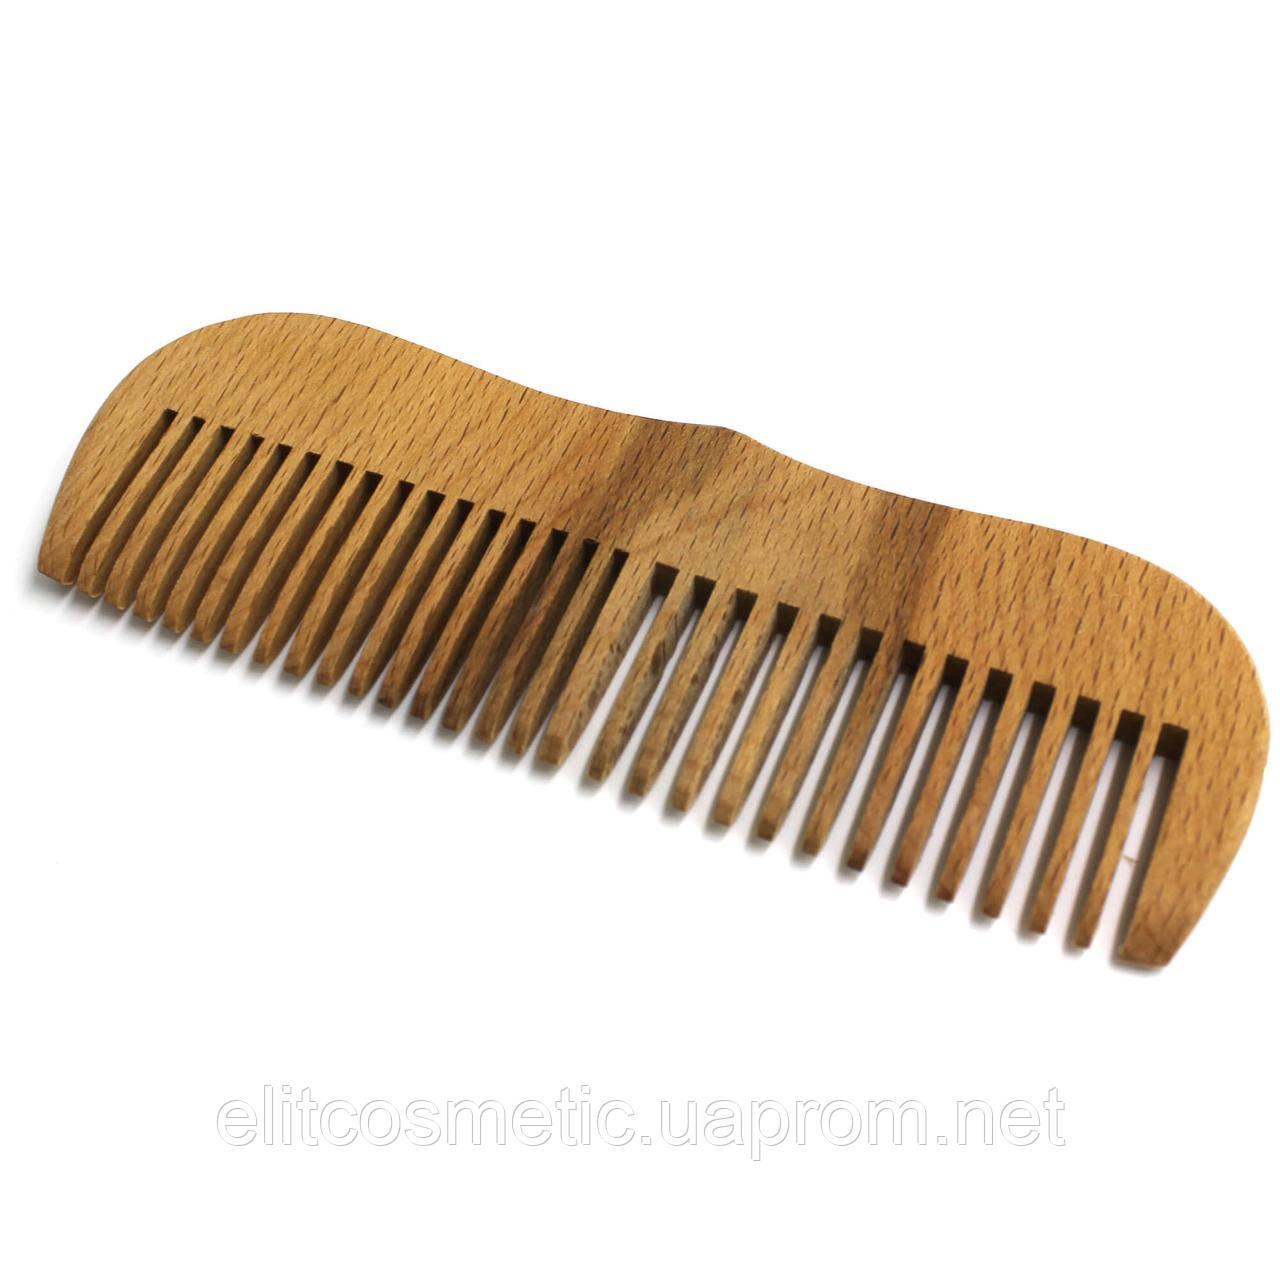 Гребень для волос  из дерева SPL 1552